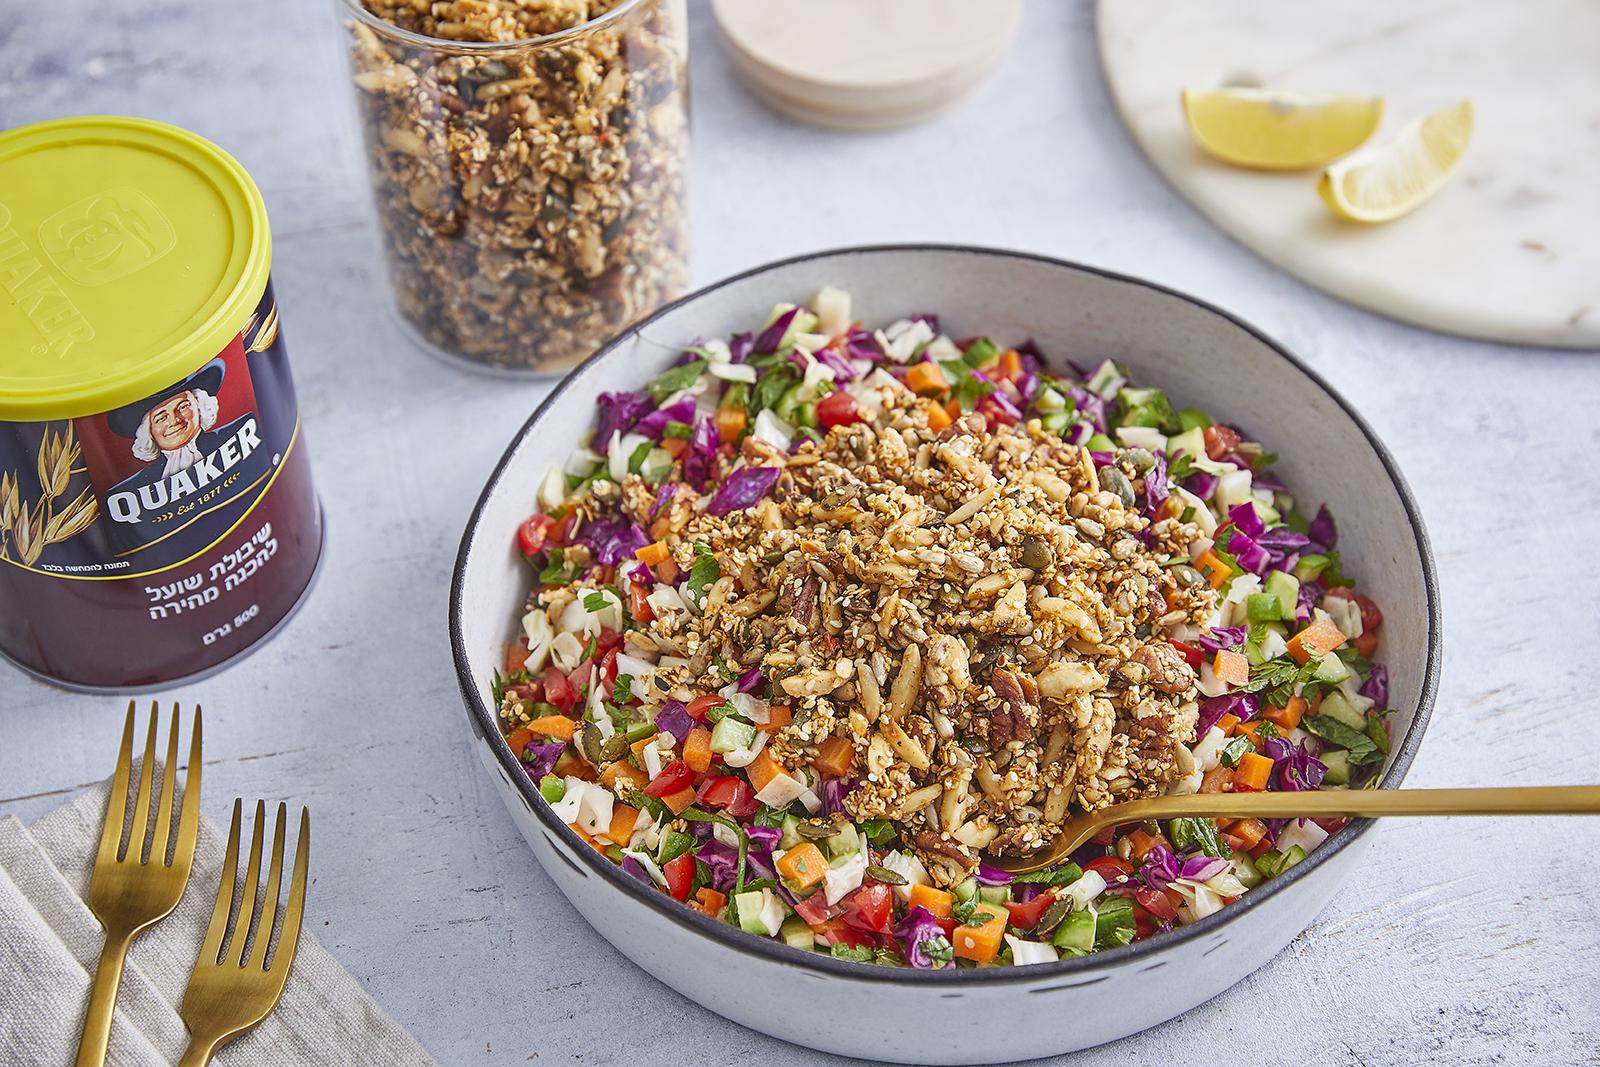 סלט ירקות עם גרנולה מלוחה מושלמת של קרוטית